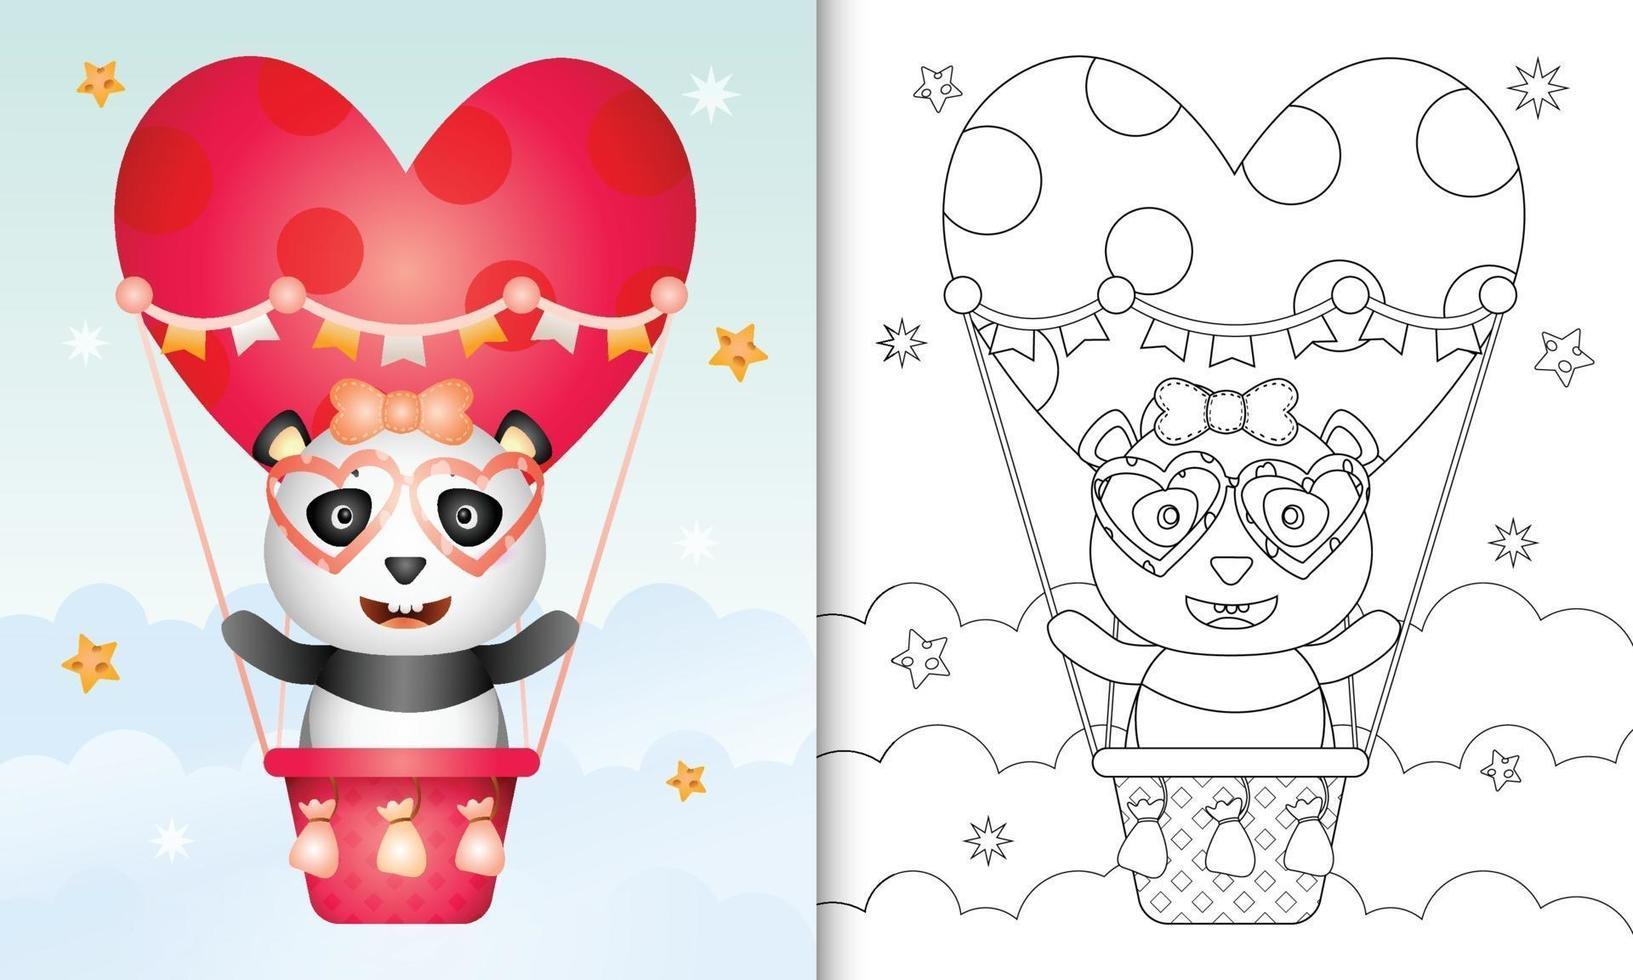 Malbuch für Kinder mit einer niedlichen Panda Frau auf Heißluftballon Liebe themenorientierten Valentinstag vektor